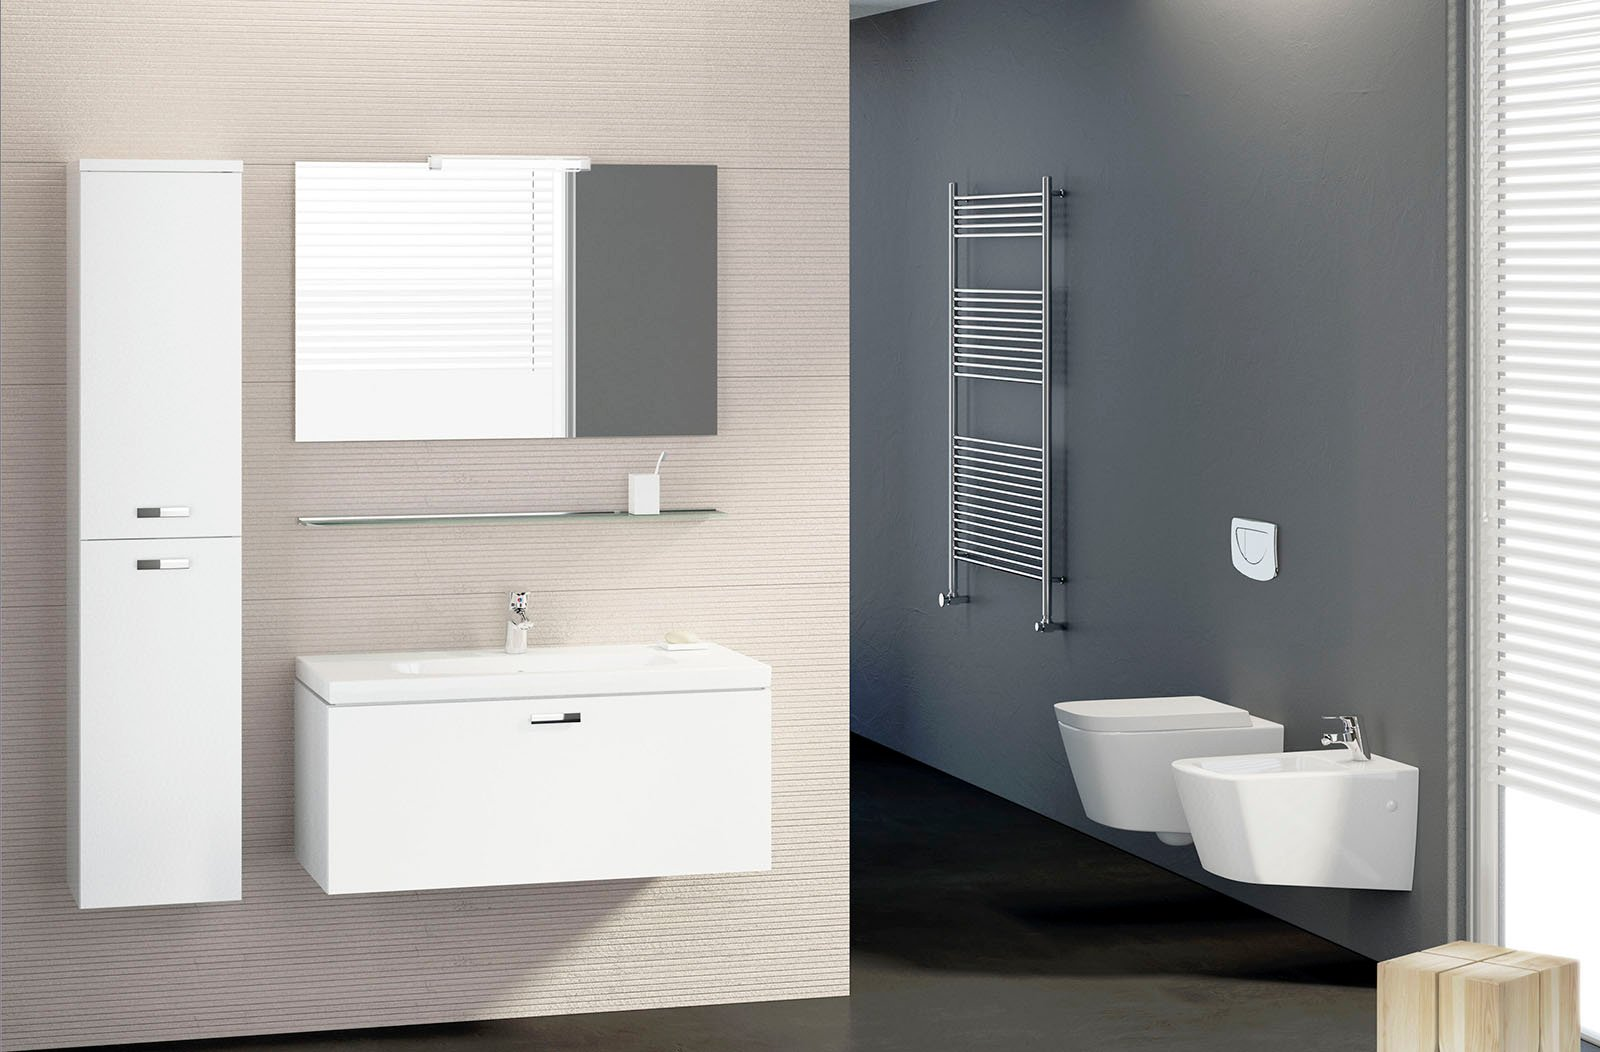 Sanitari sospesi per un bagno contemporaneo cose di casa for Sanitari bagno dolomite